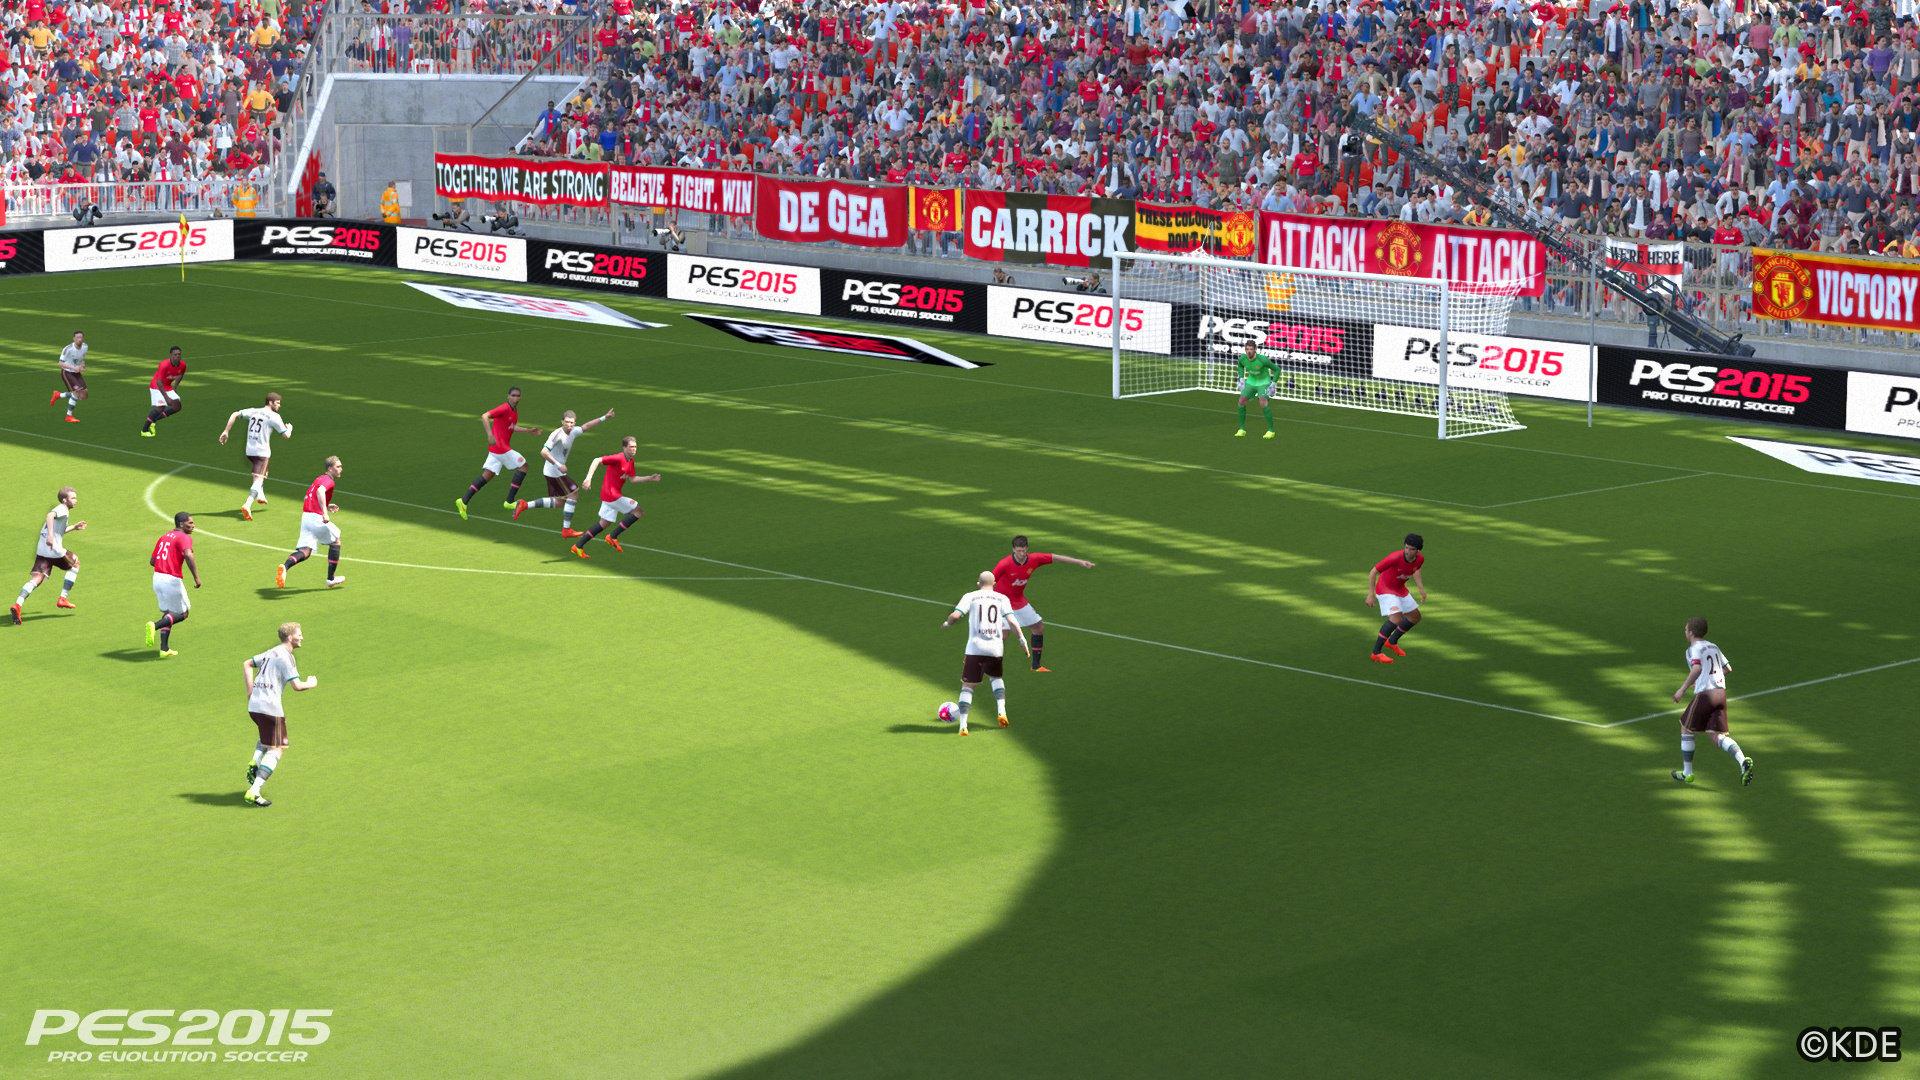 PES 2015: Pro Evolution Soccer (PS3 / PlayStation 3) Game ...